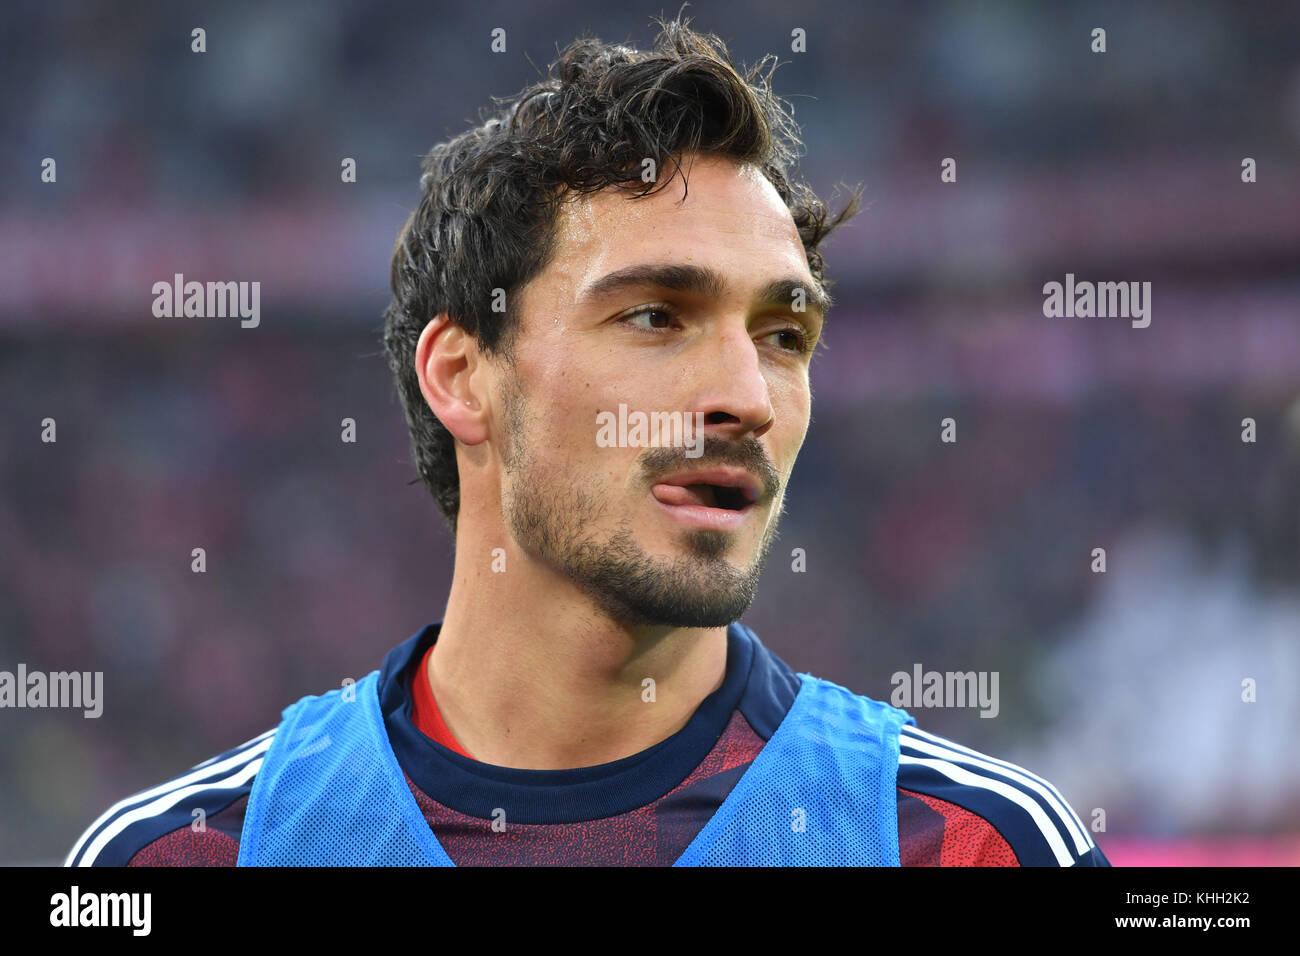 Mats HUMMELS (FC Bayern Munich), Aktion, Einzelbild, angeschnittenes Einzelmotiv, Portraet, Portrait, Portrat. Fussball - Stock Image